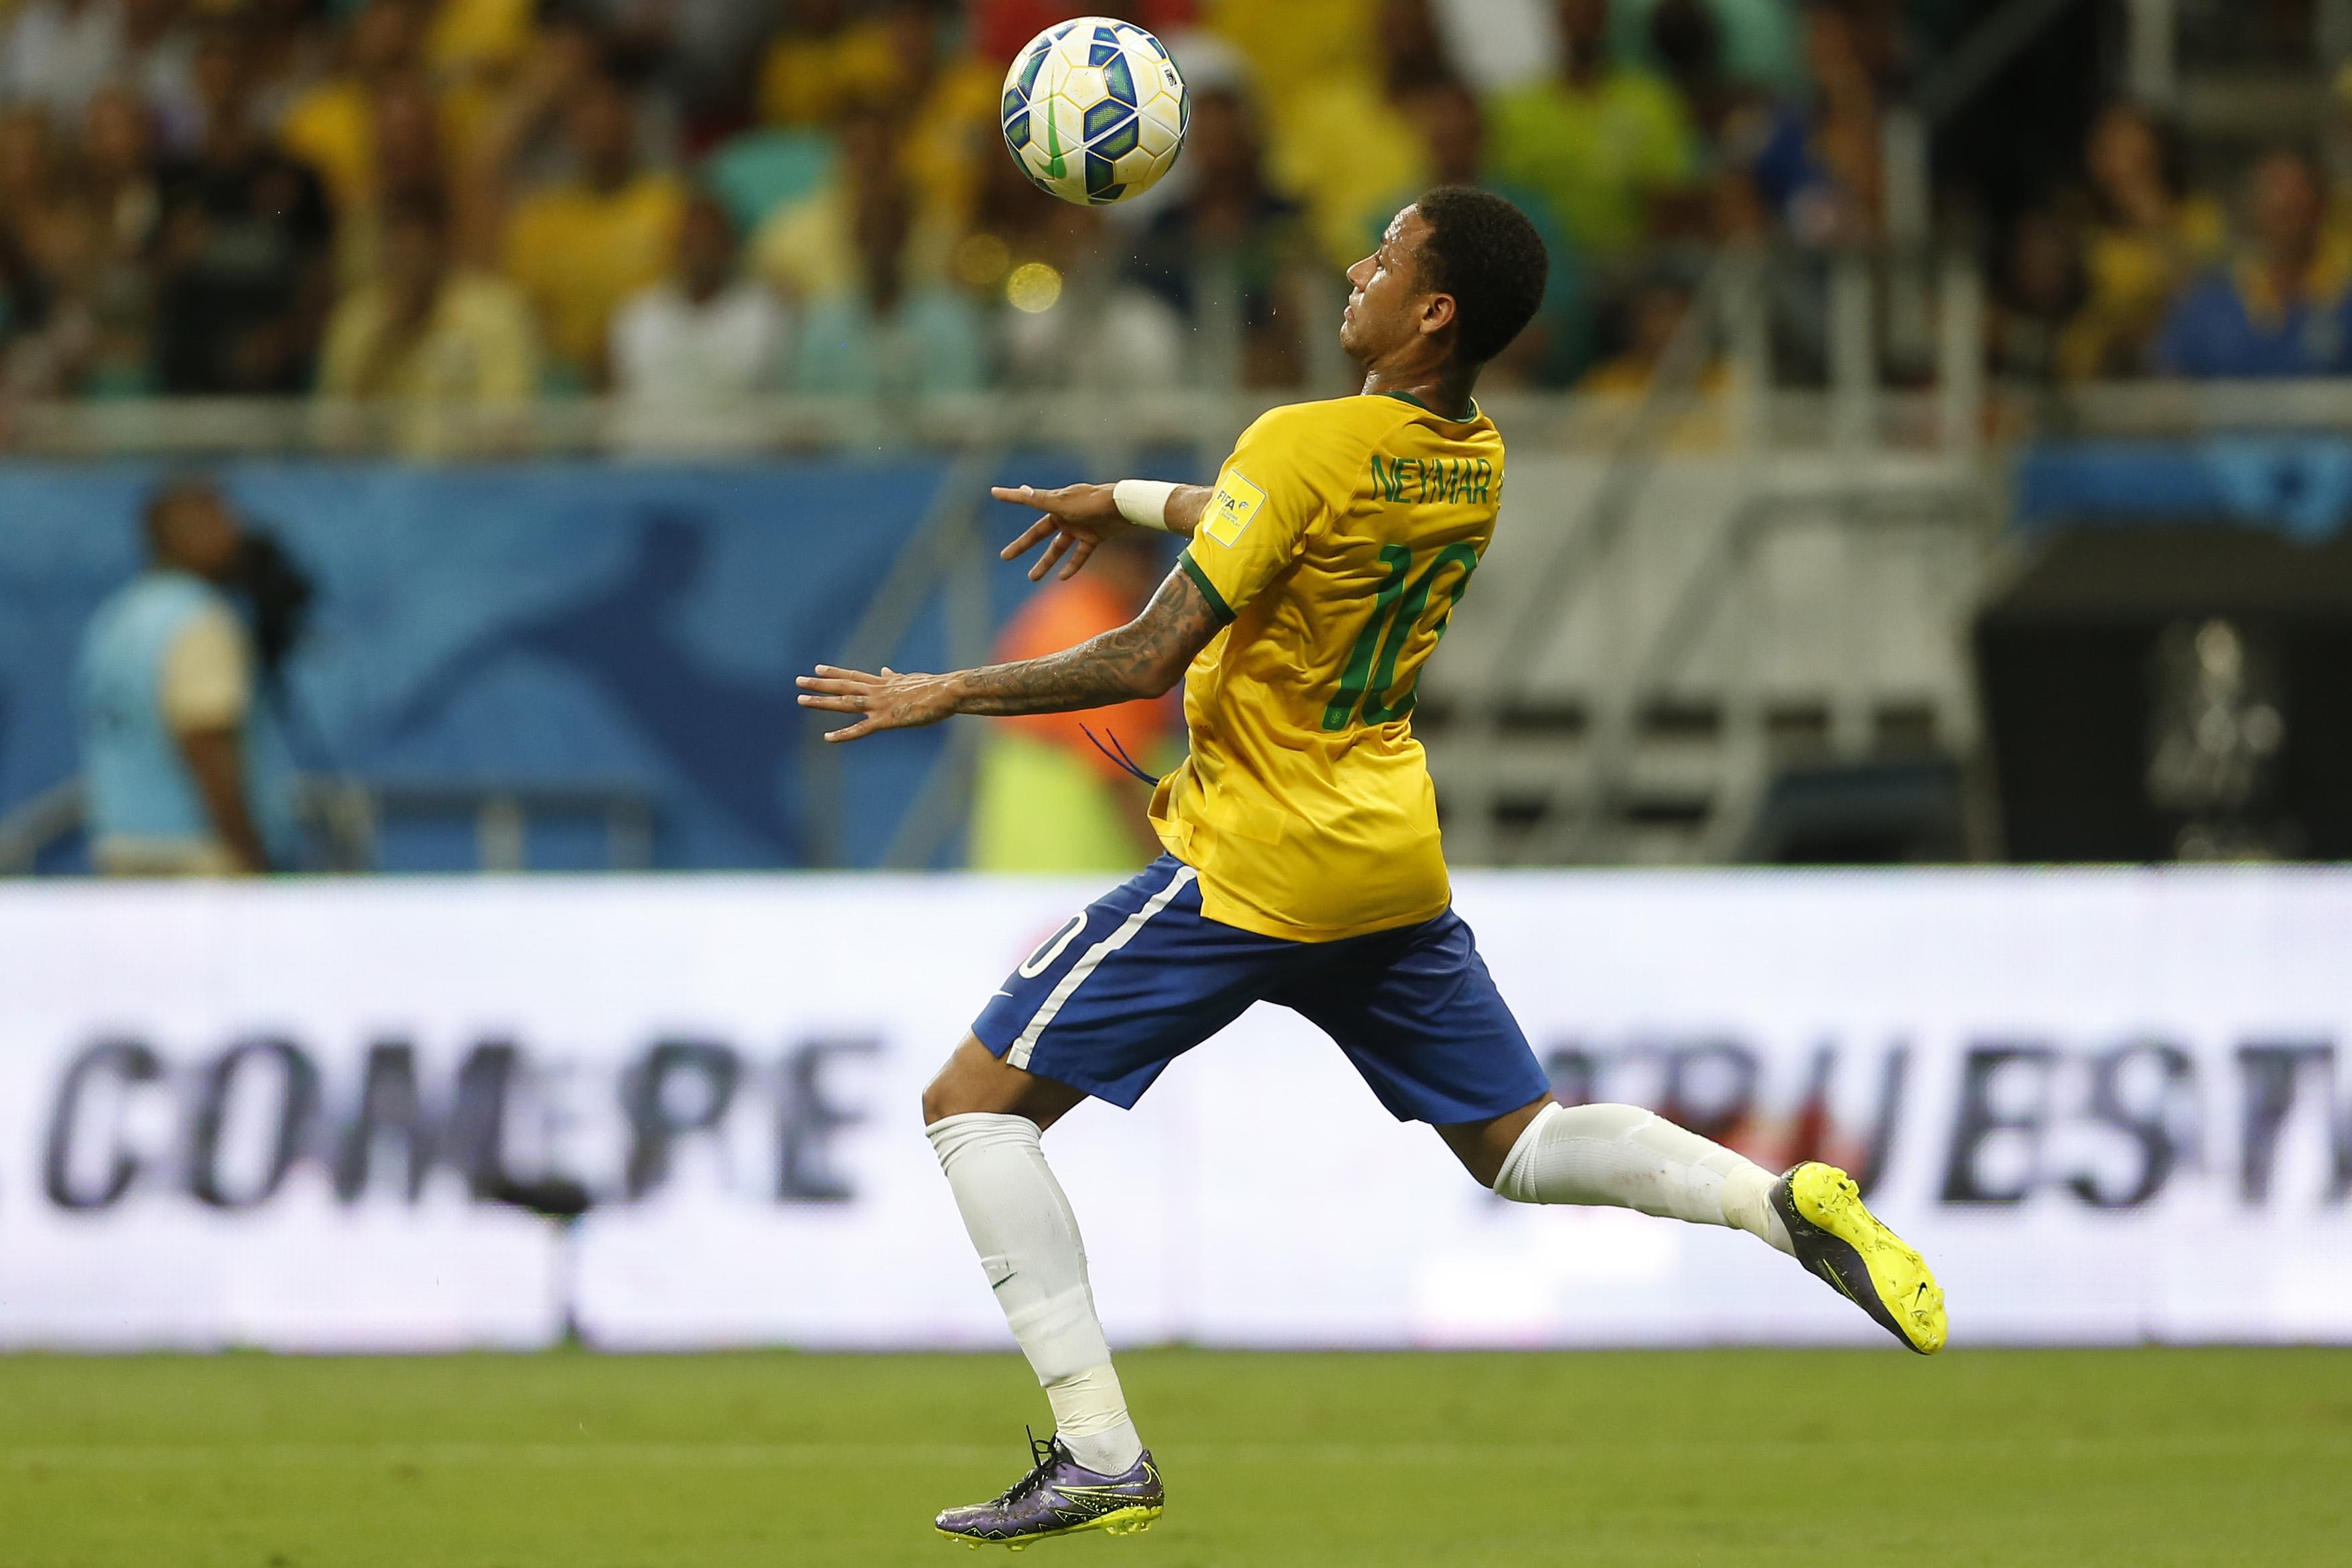 Clique aqui e conheça a nova Loja Oficial do Neymar Jr fe3c39789b80b